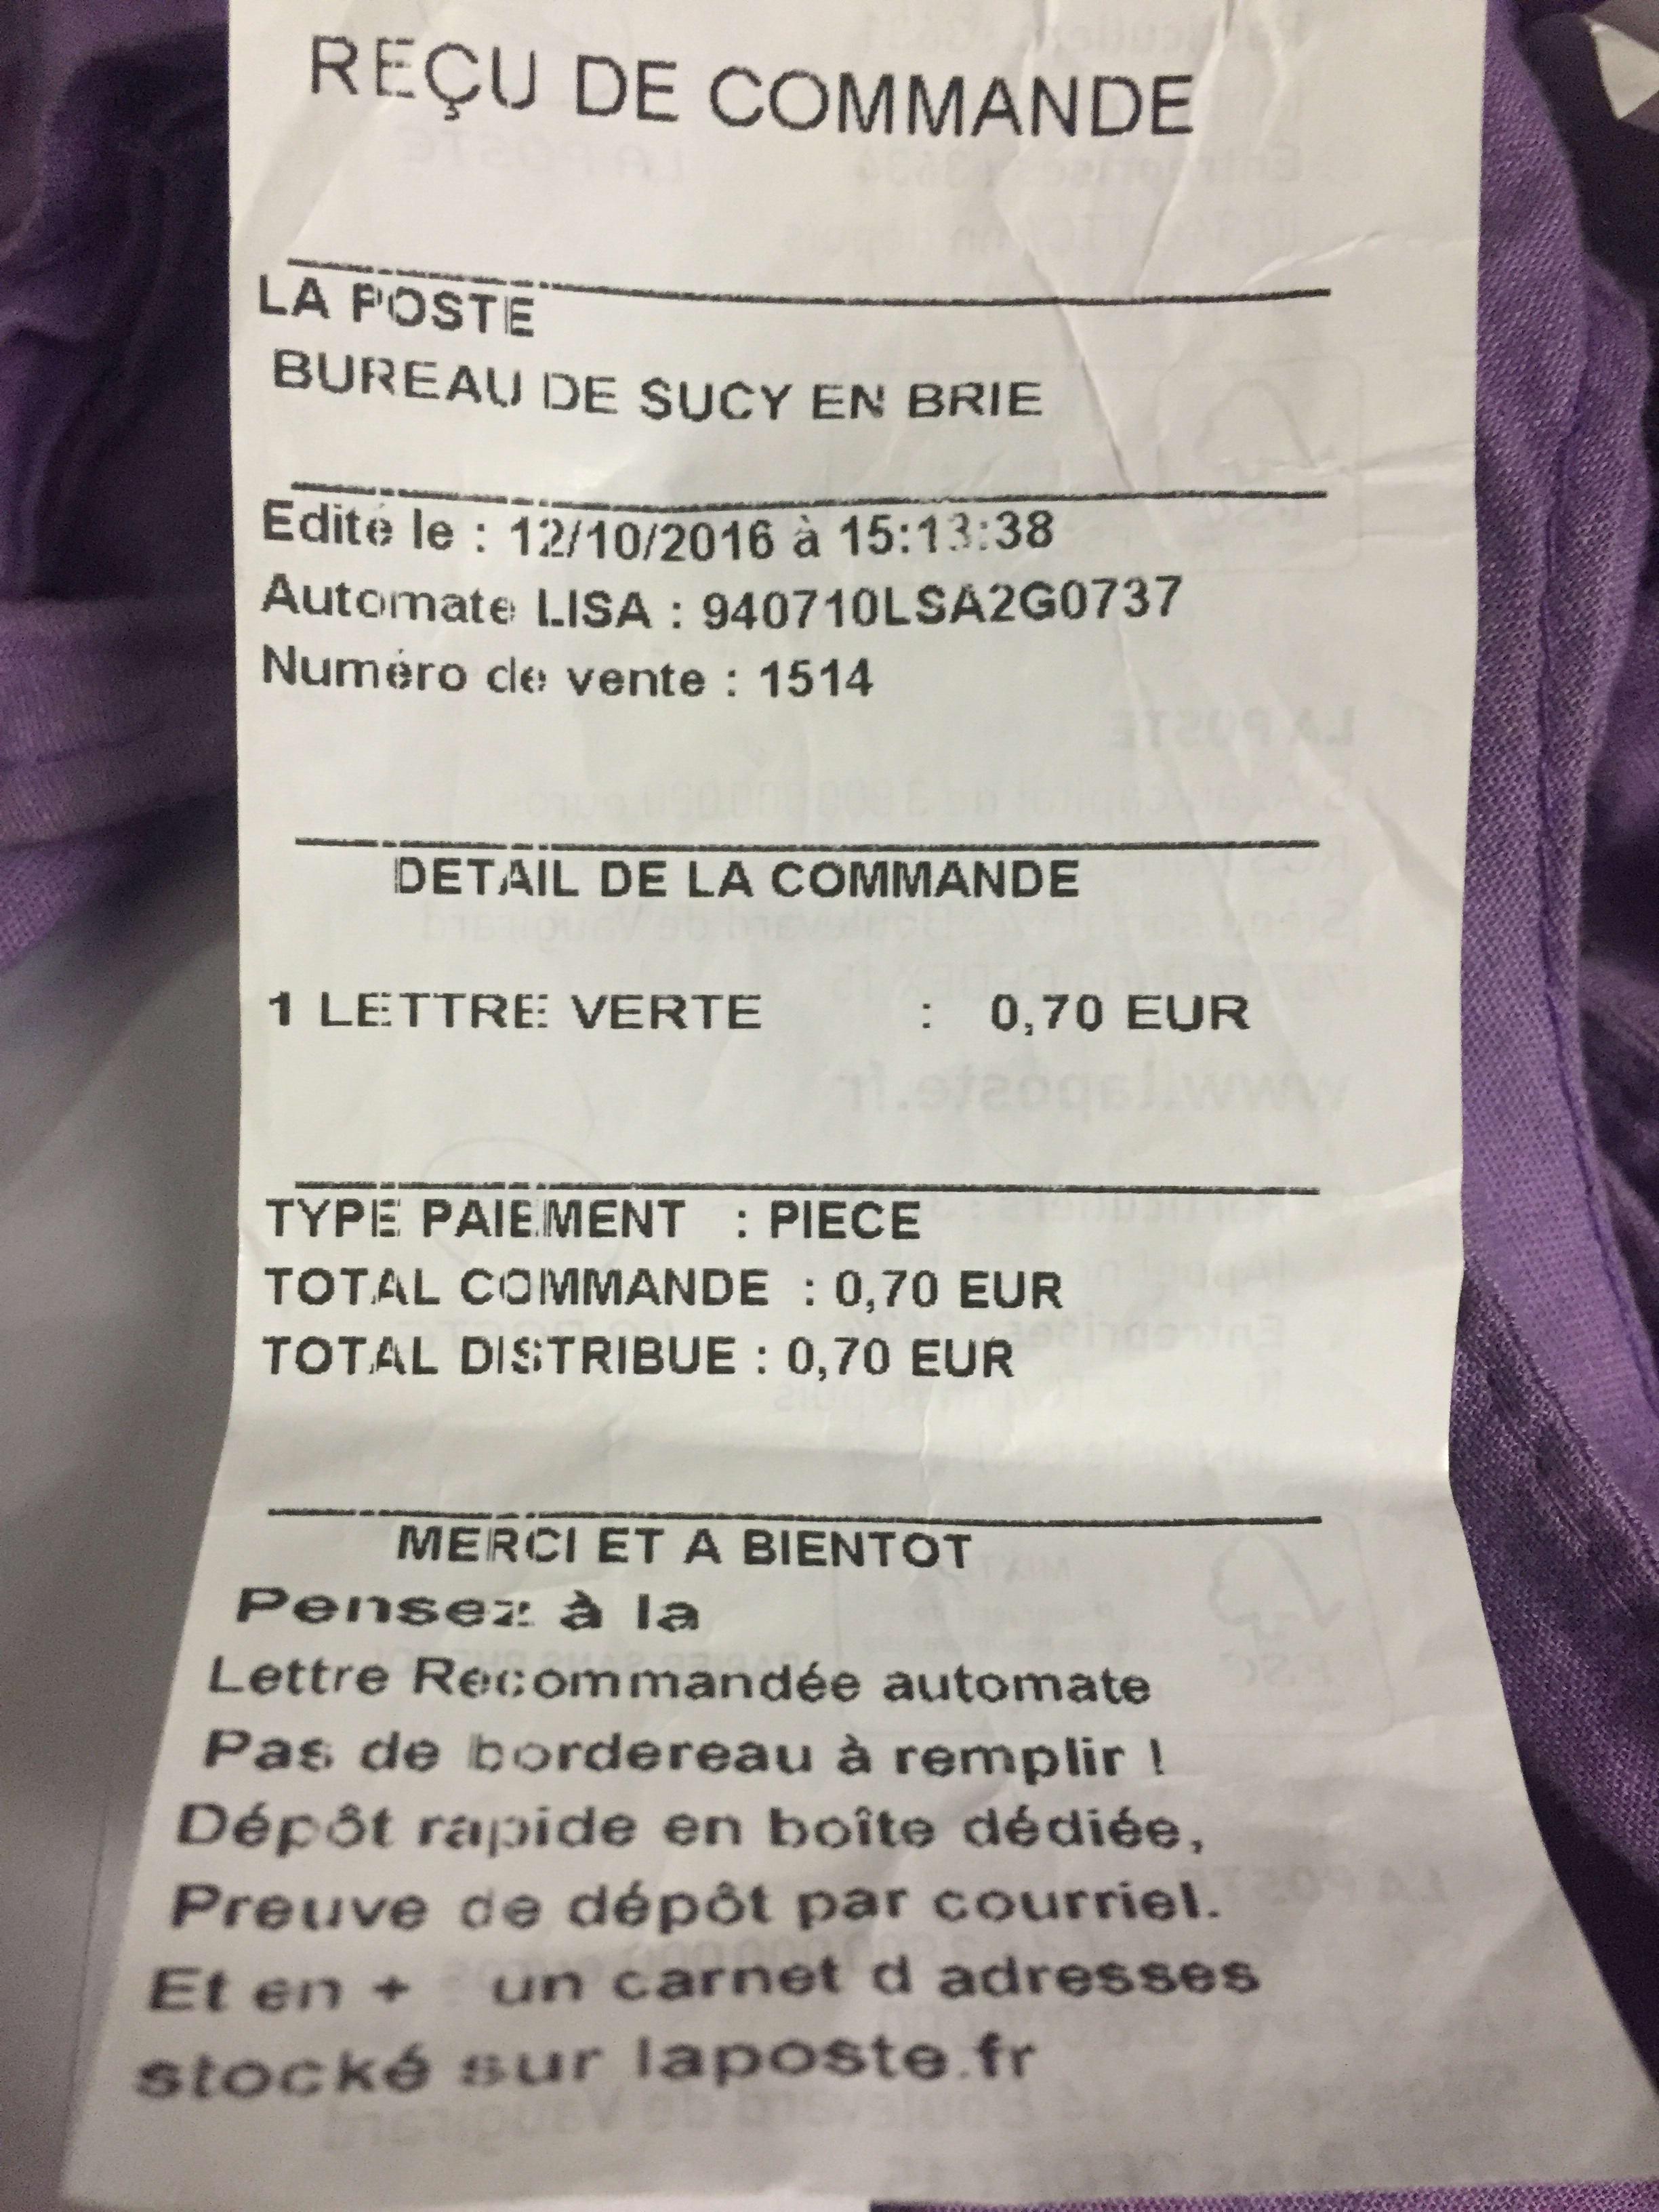 La Poste Sucy En Brie Sucy En Brie Contactez Le Directeur